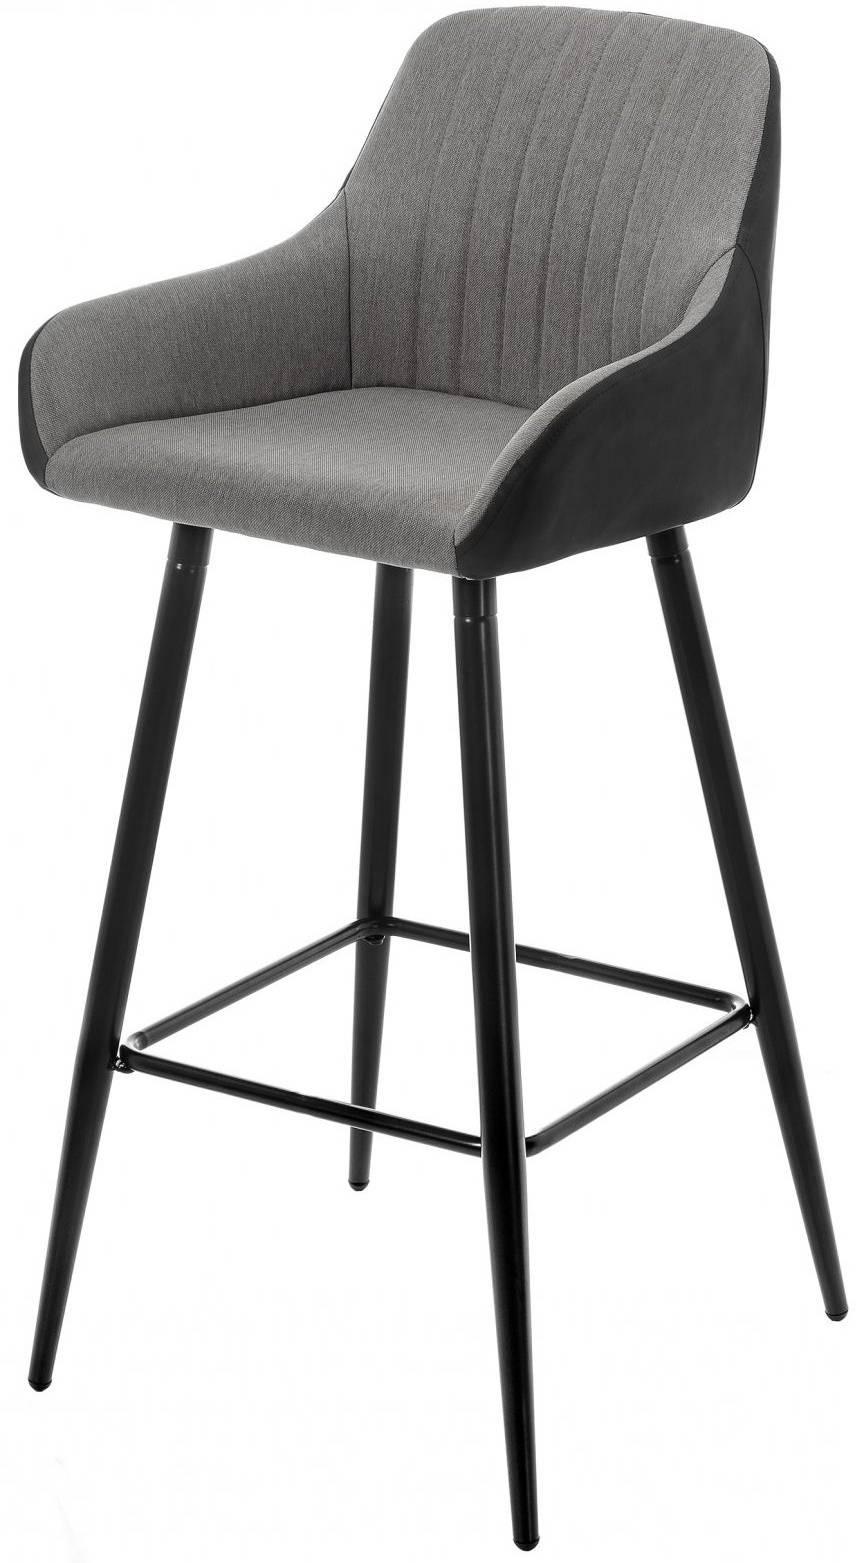 Купить барный стул Haris в Raroom